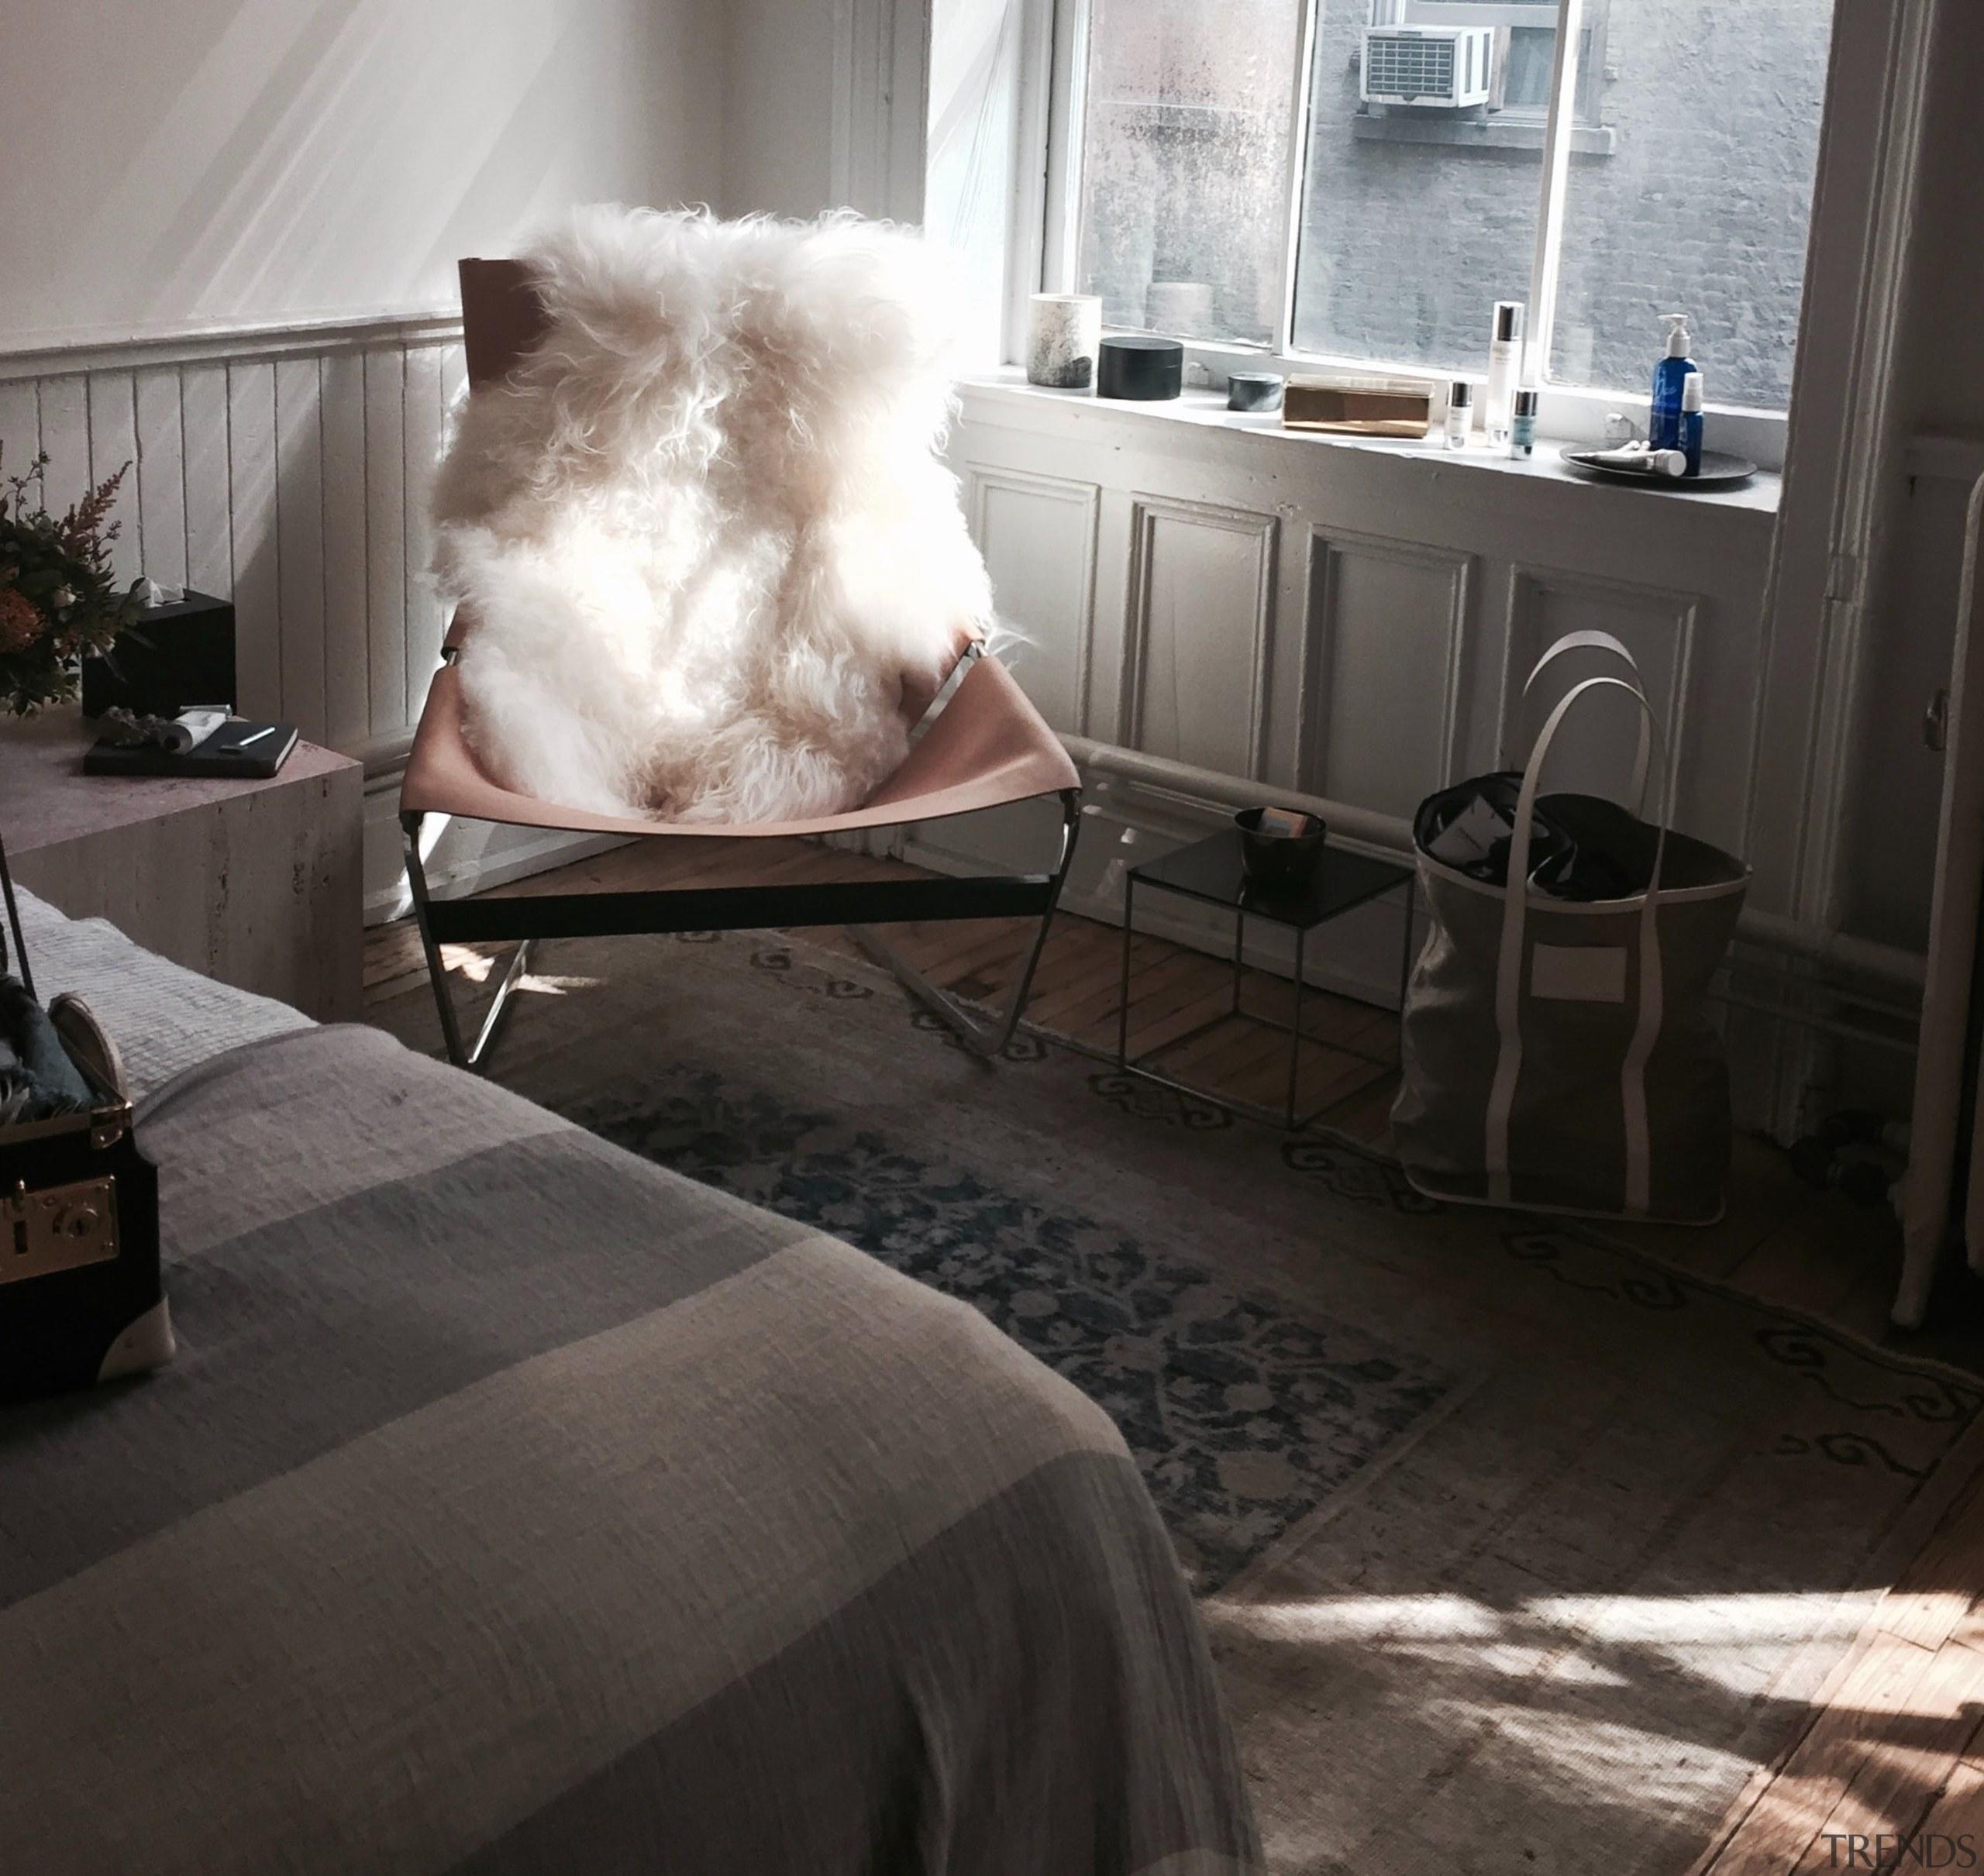 Sheepskin rug on chair in bedroom -